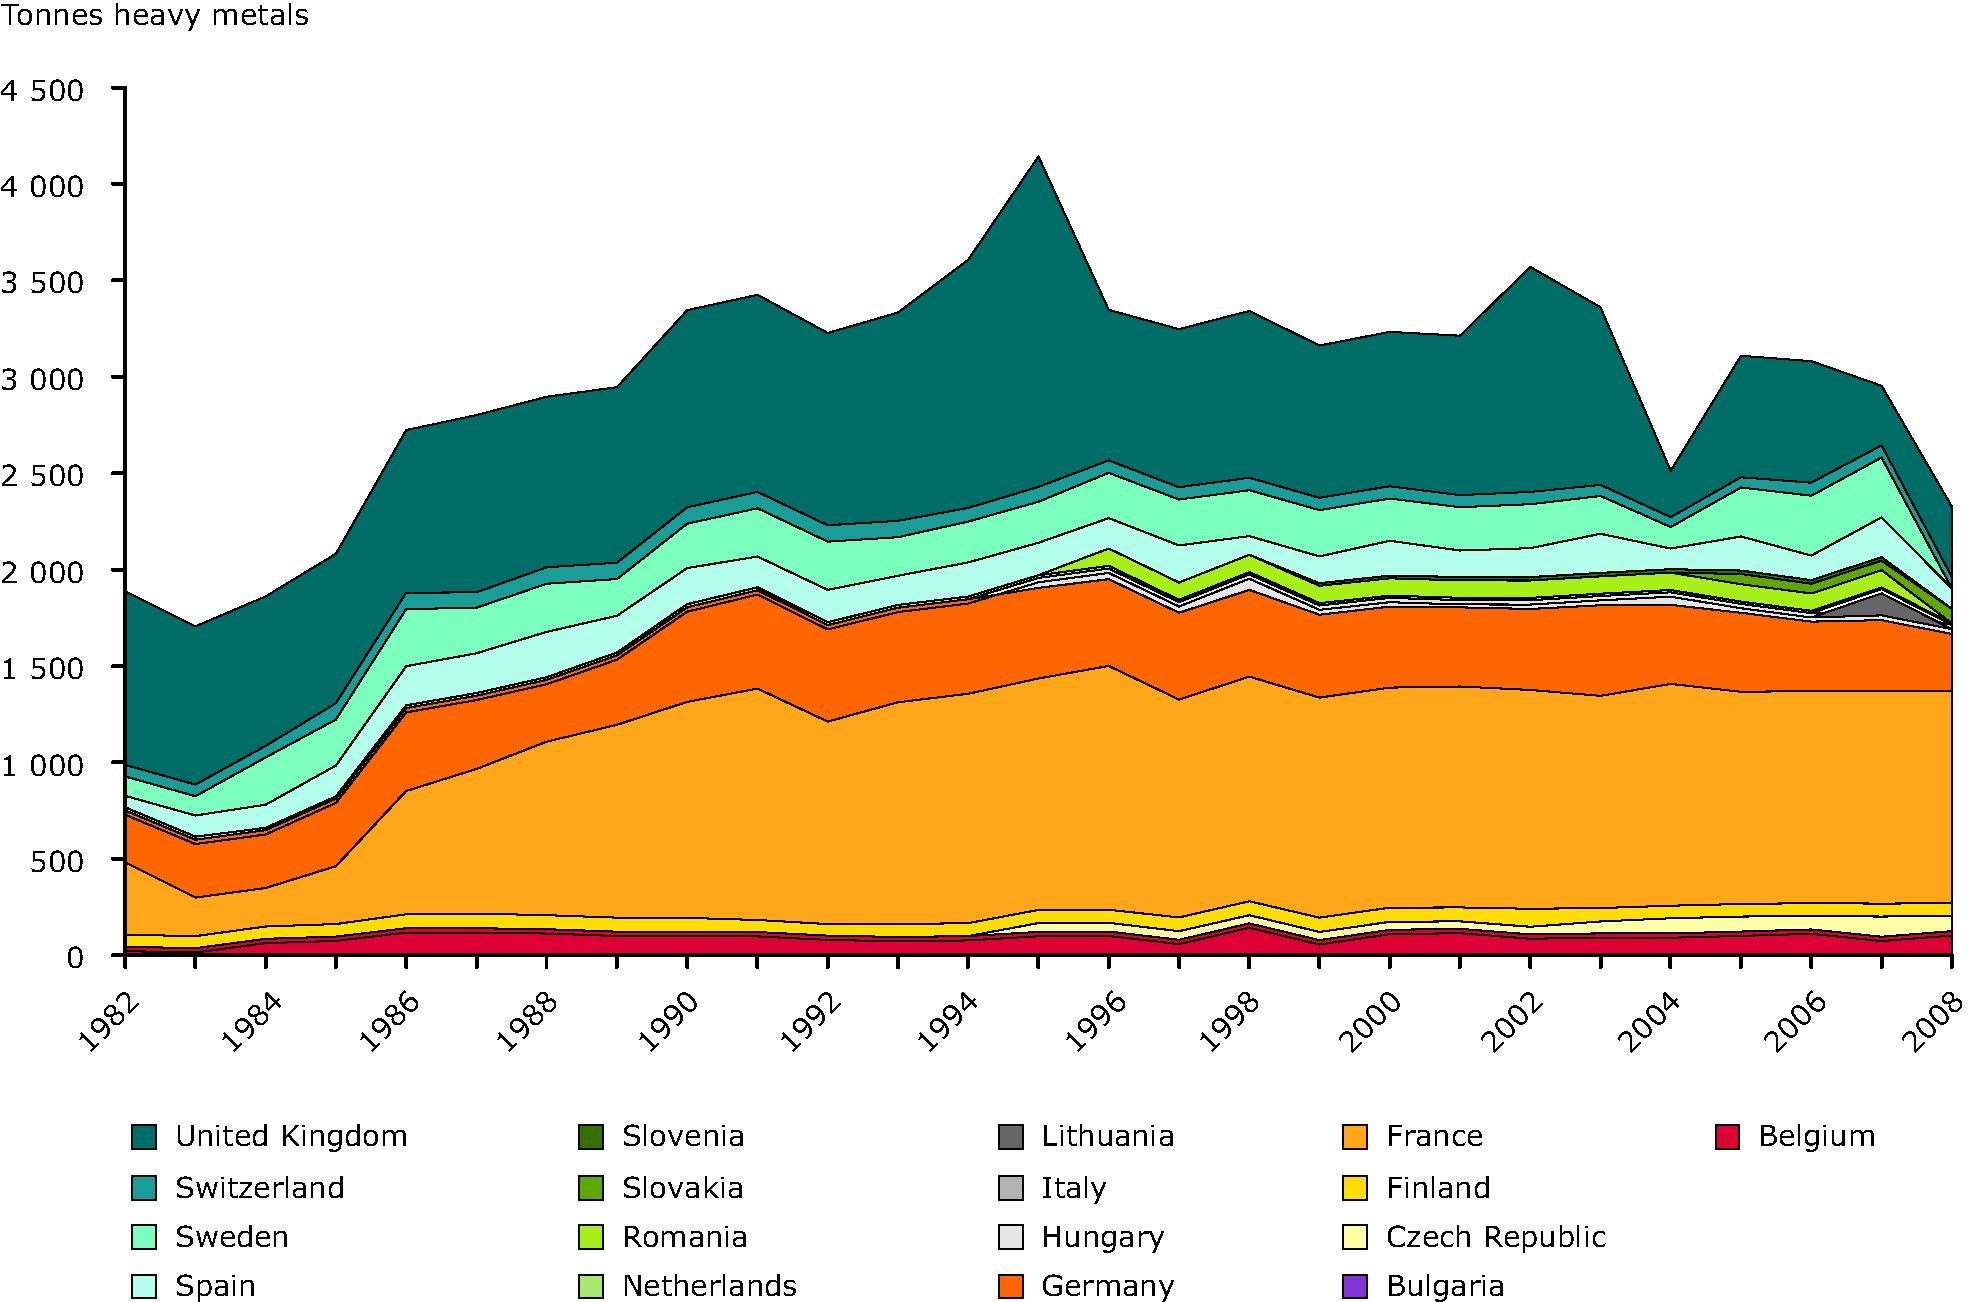 Historic series in spent fuel arising (tonnes heavy metals)